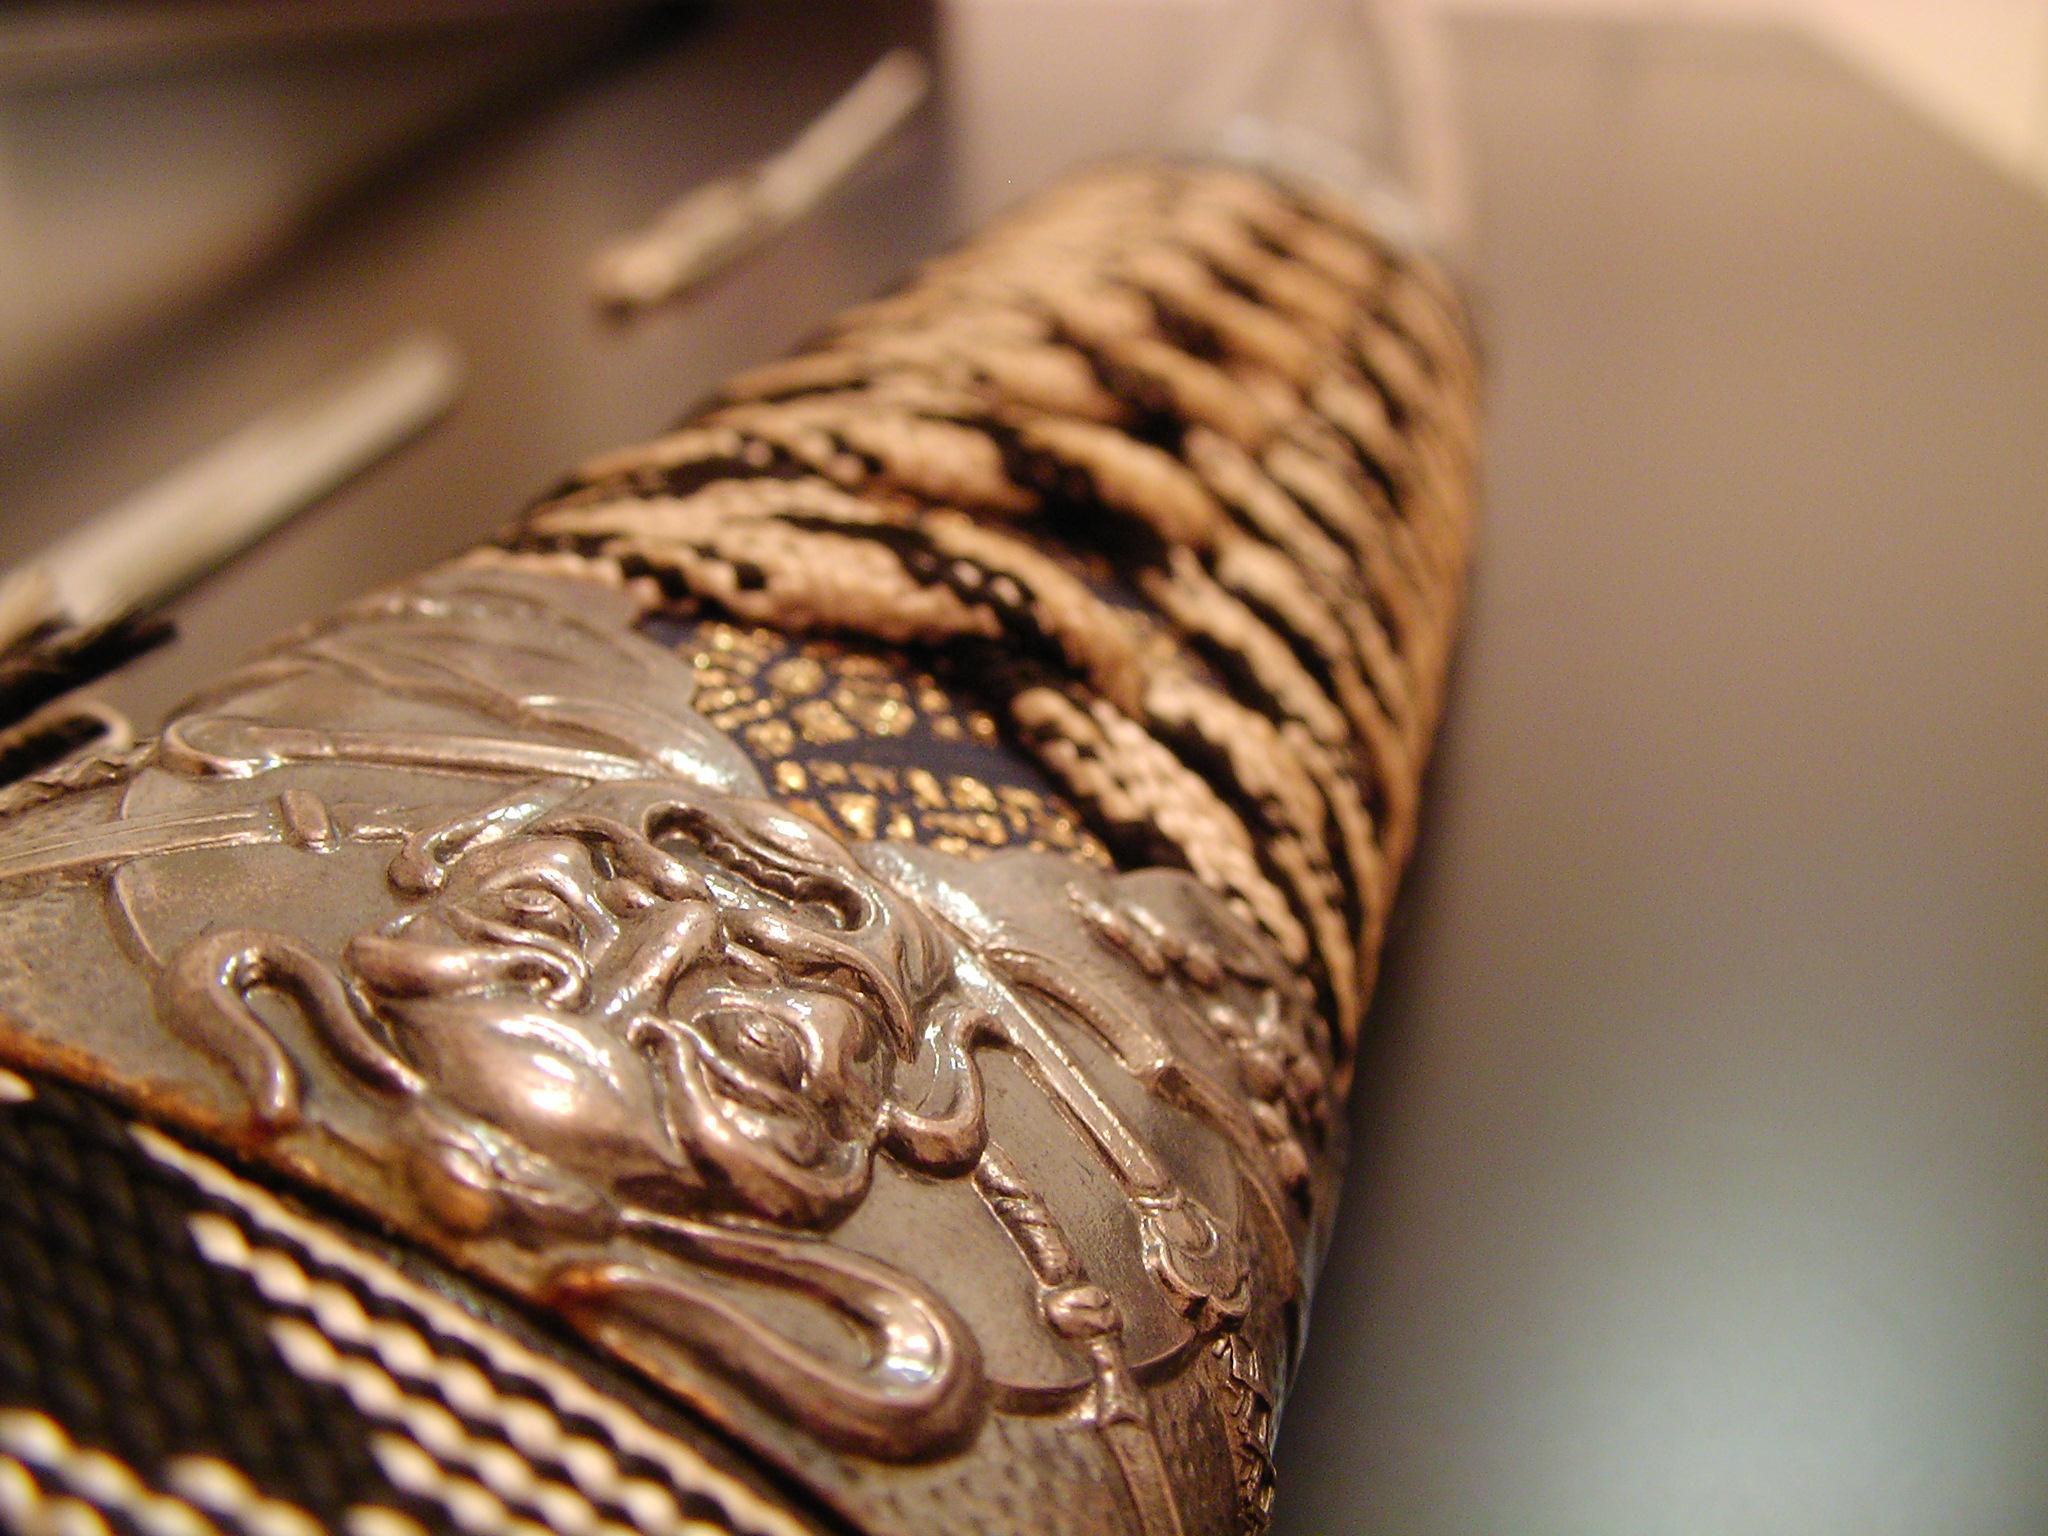 Sword Detail Macro